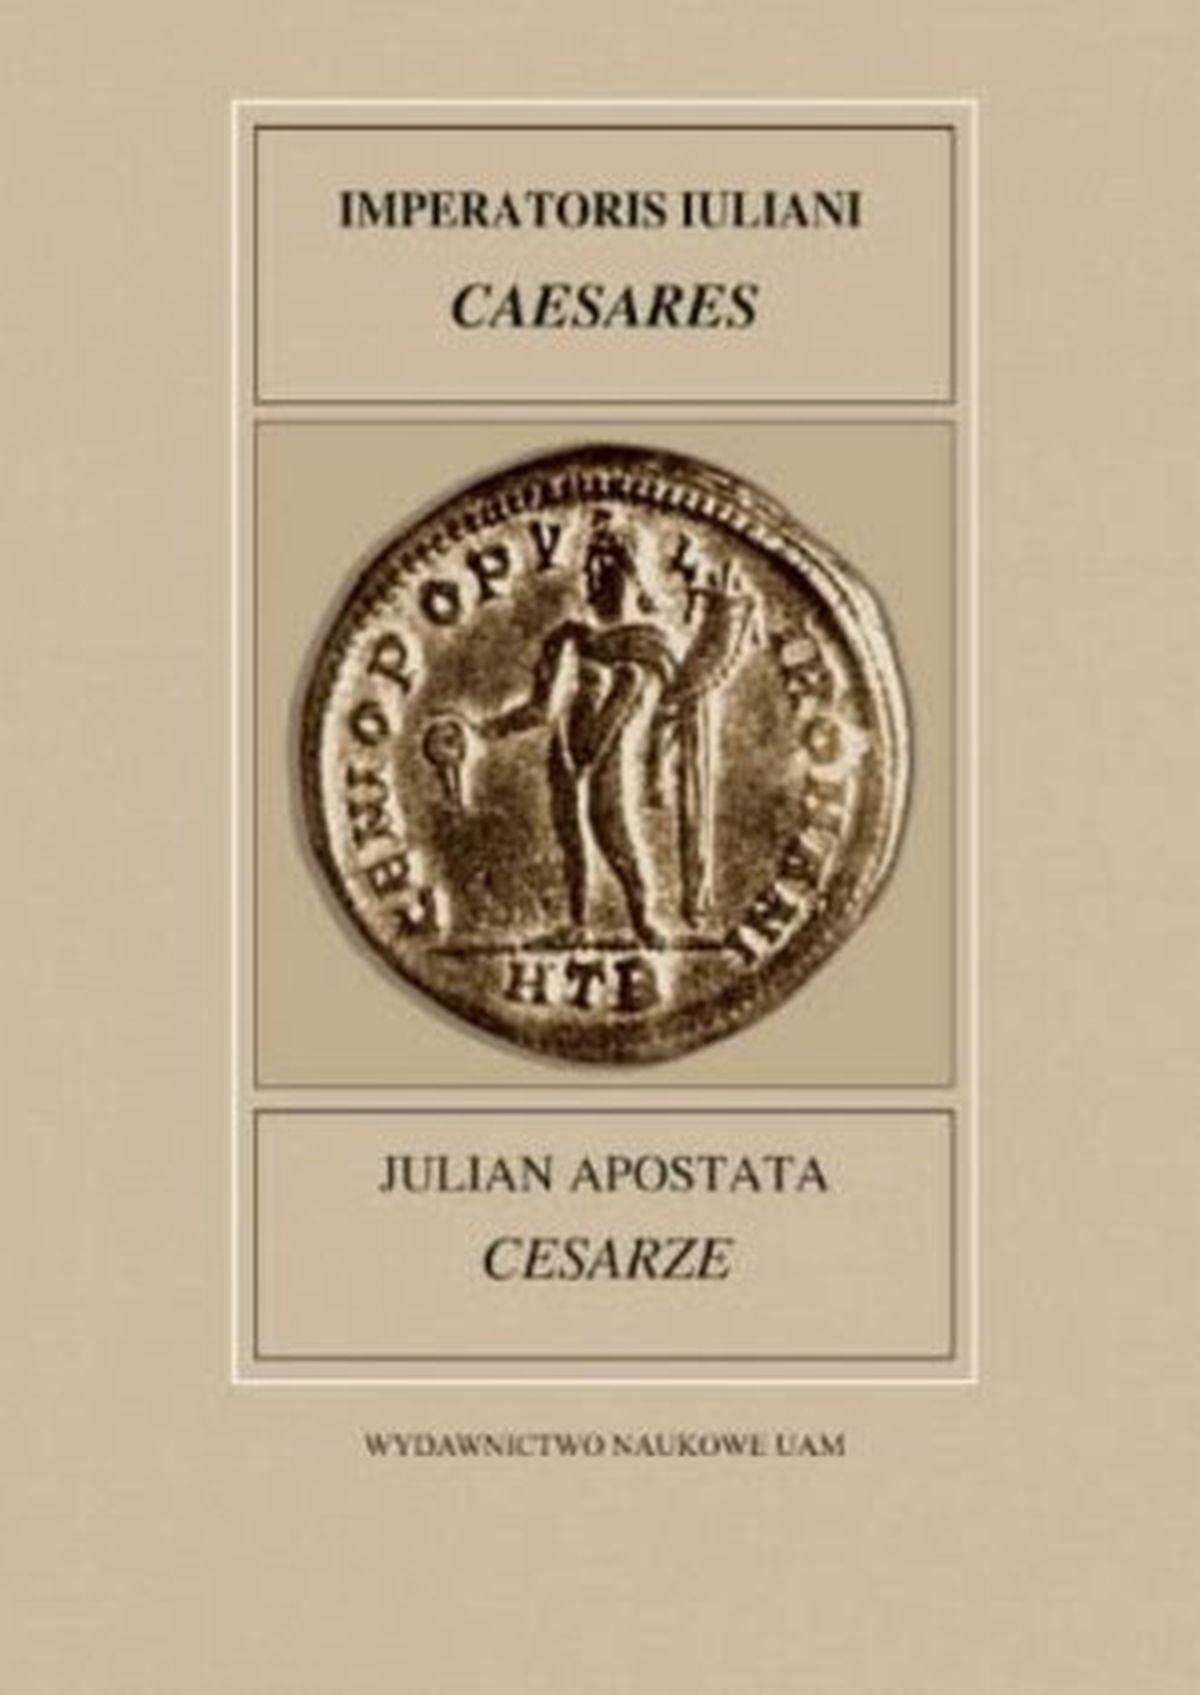 Cesarze. Fontes Historiae Antiquae XXVII